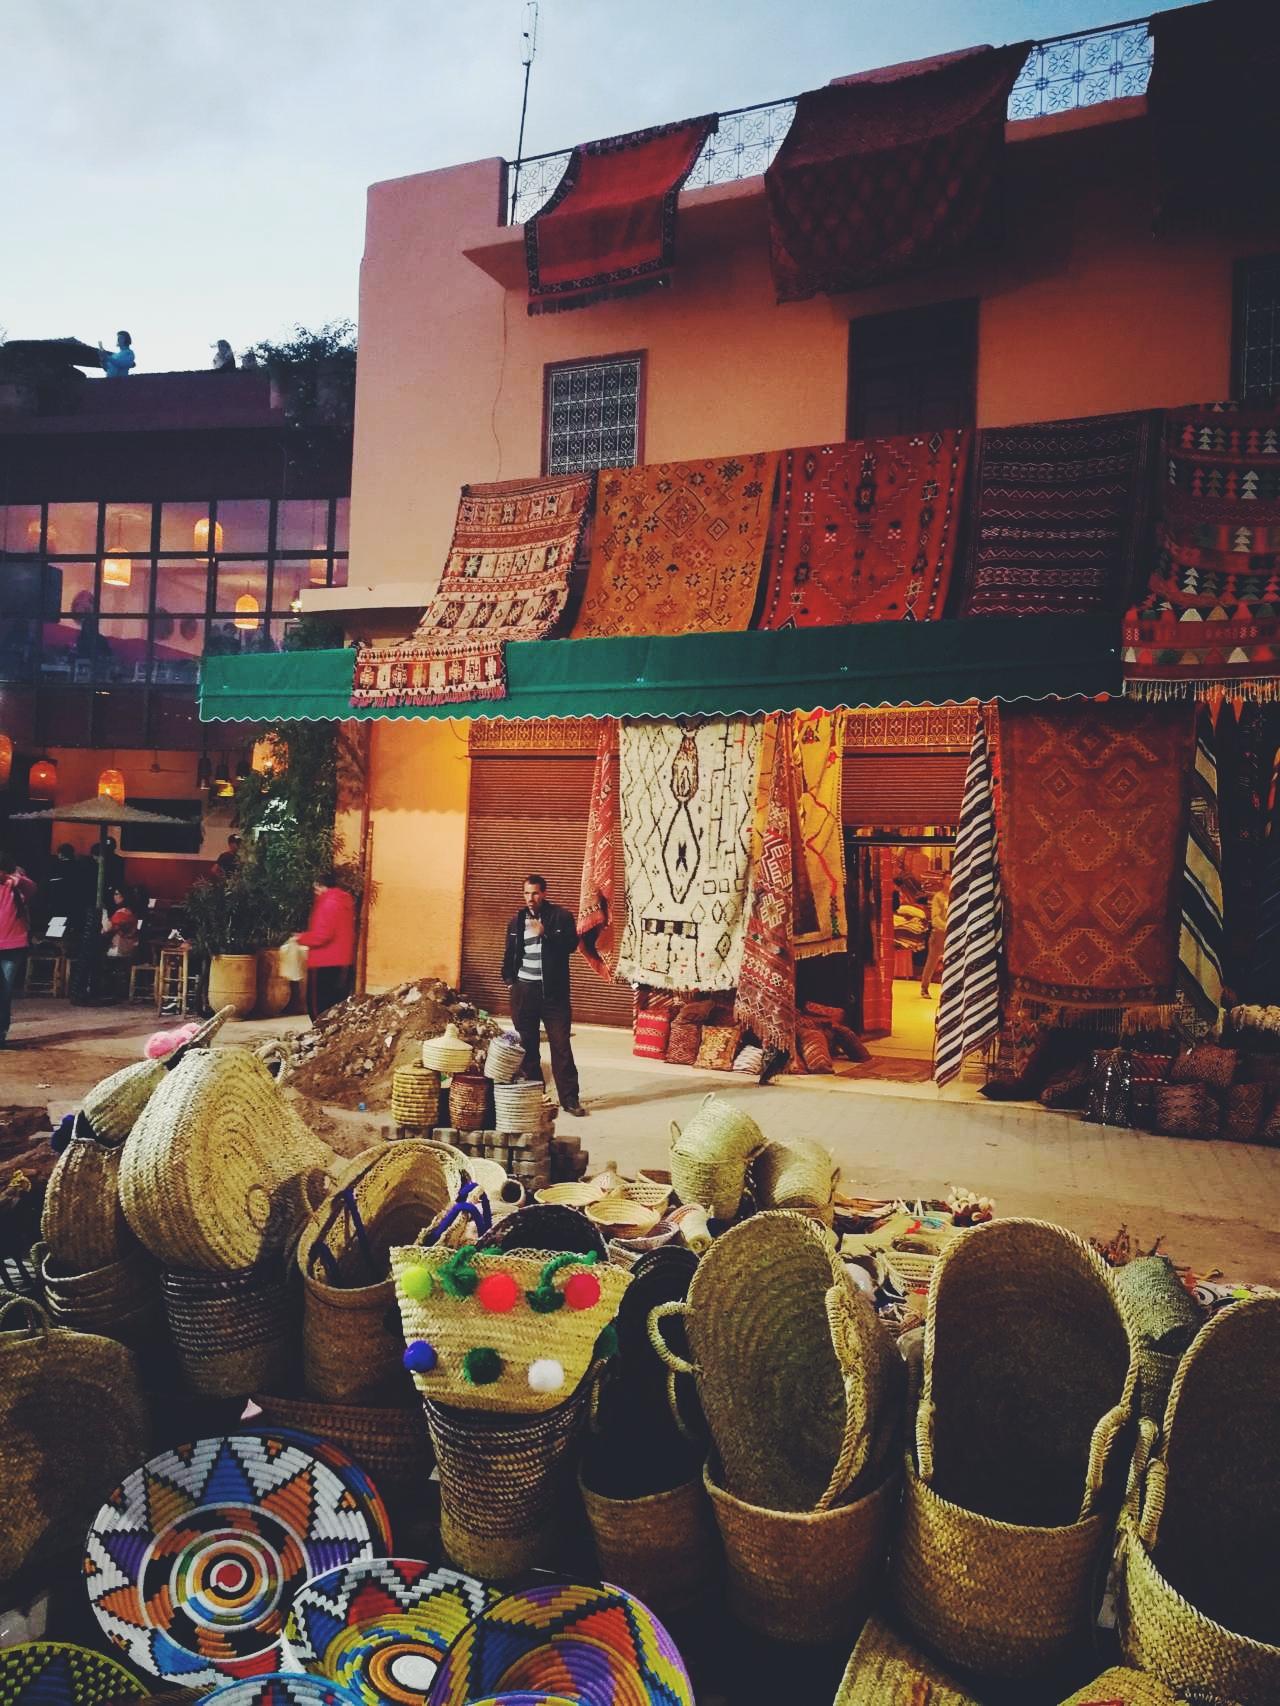 Plaza de las especias Marrakech